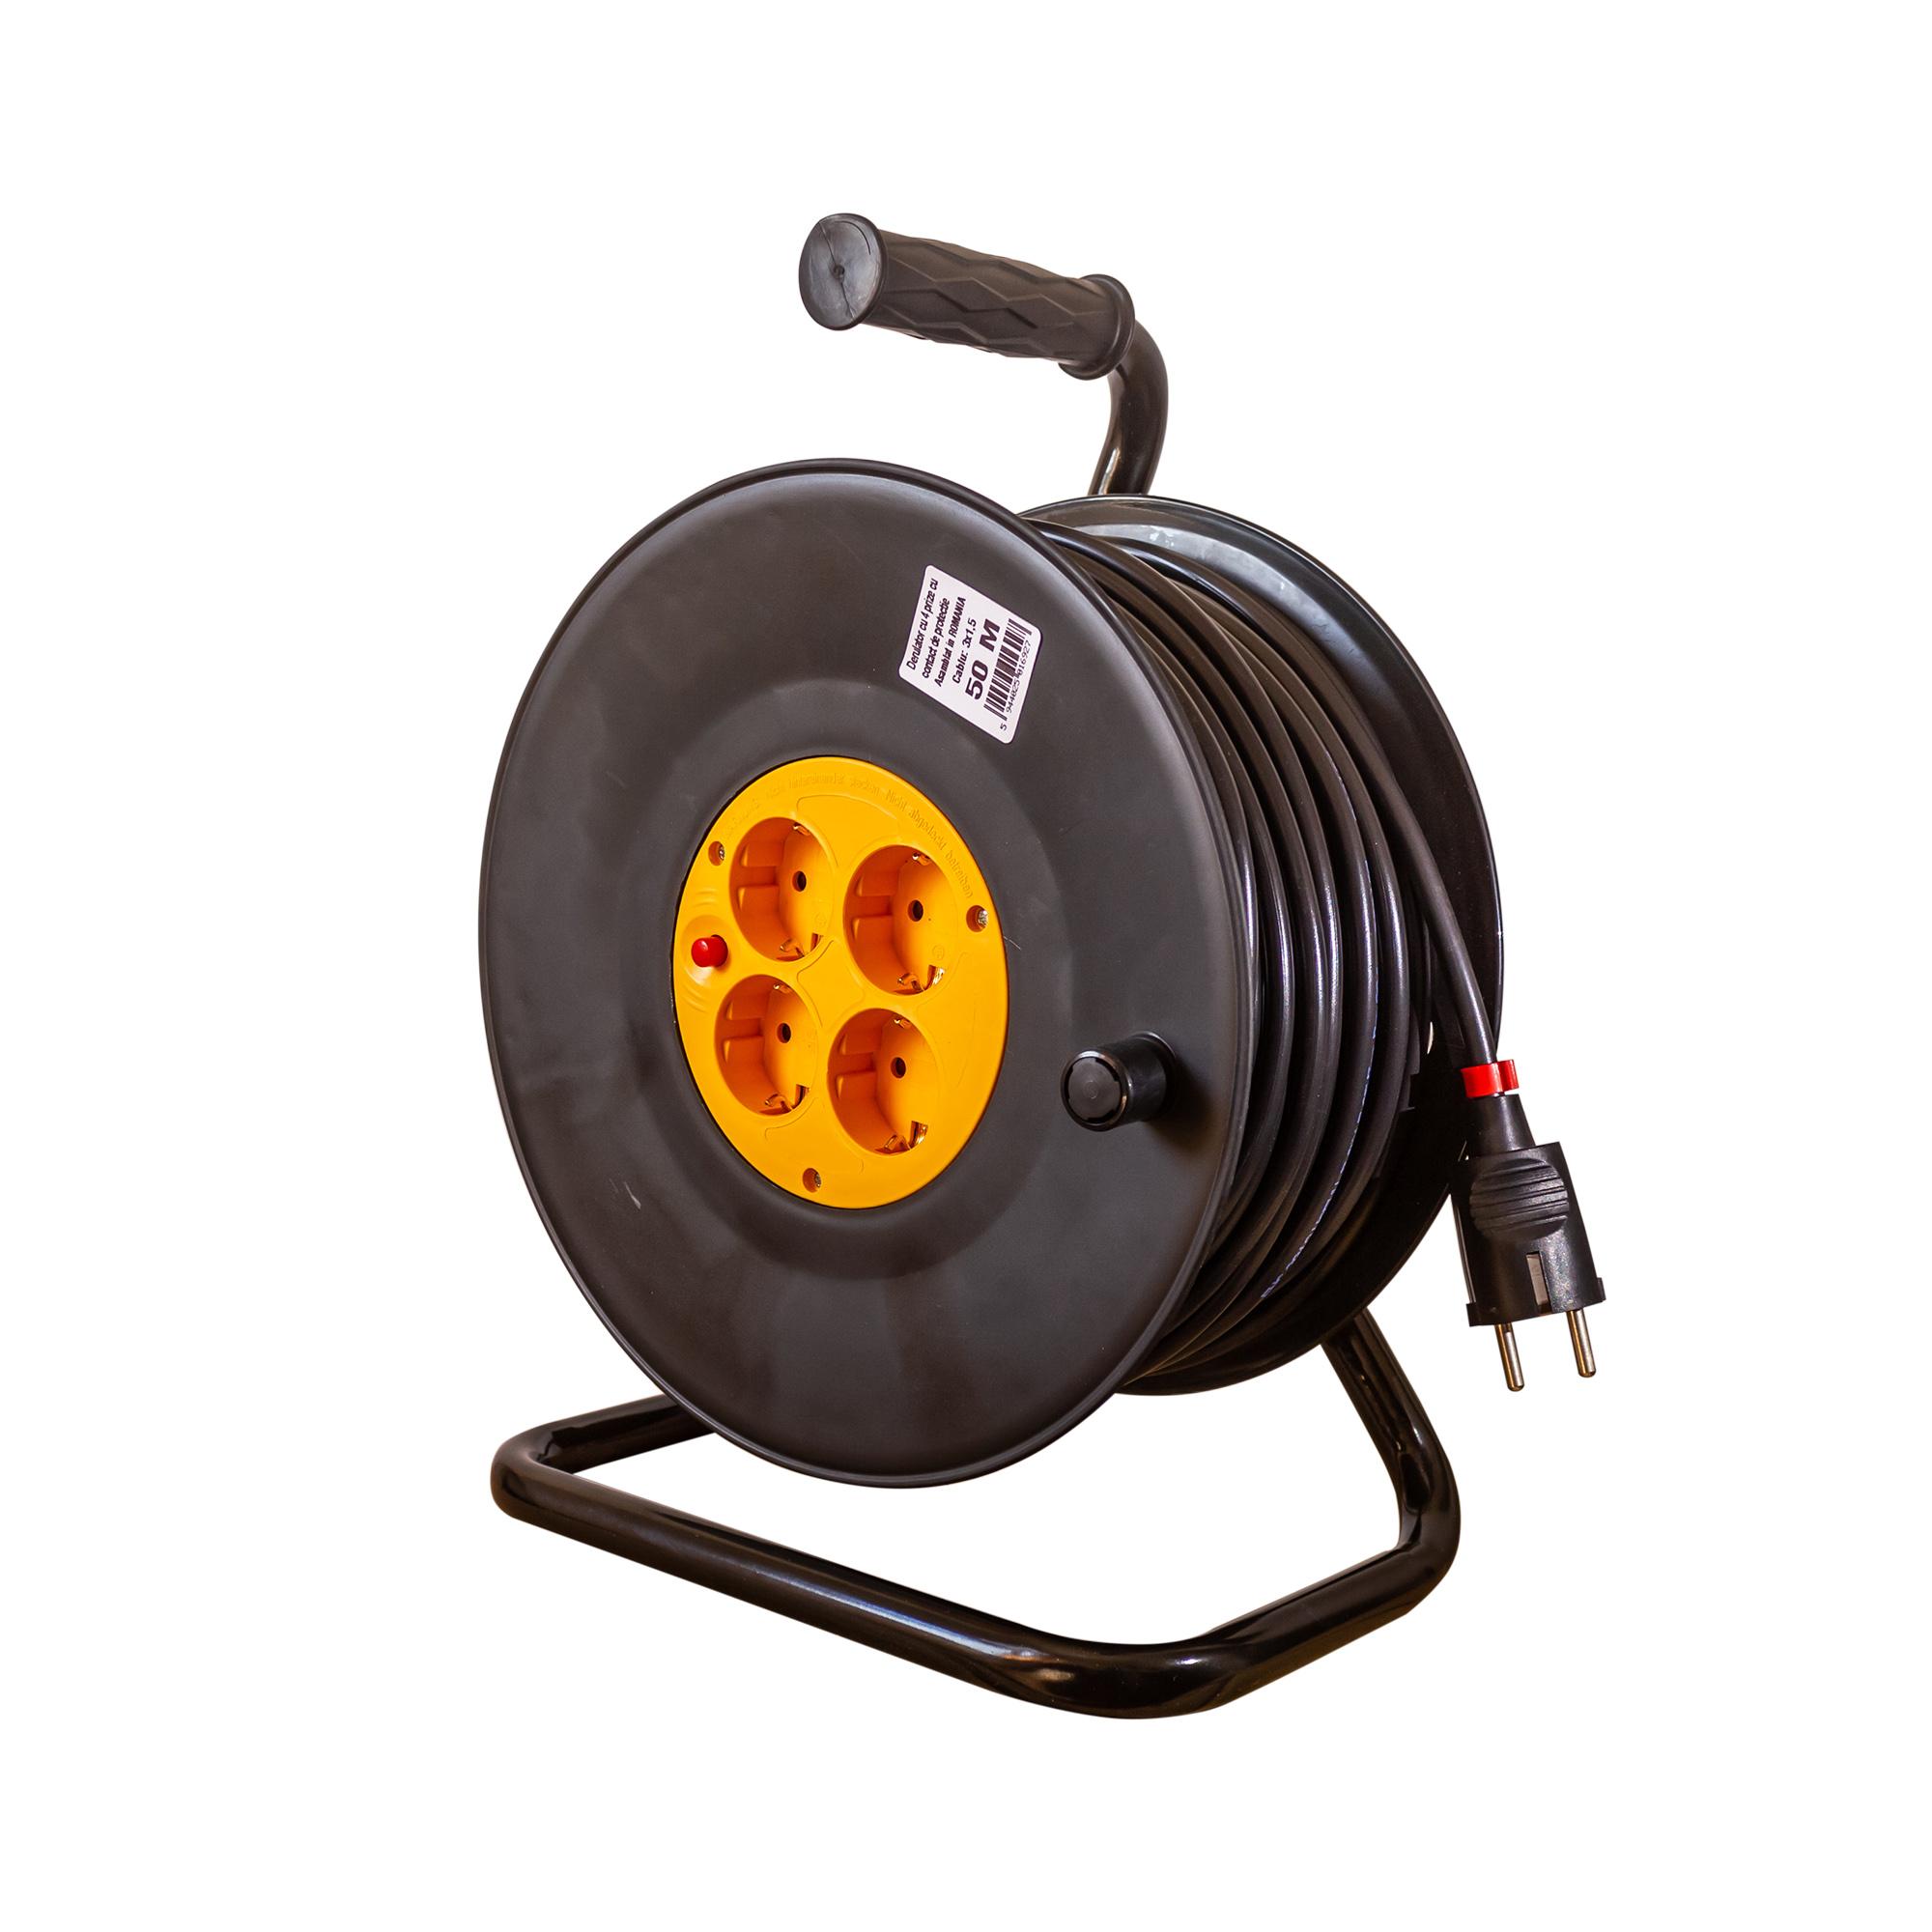 Derulator cablu electric cu 4 prize, Schuko, 3 x 1,5 mmp, 25 m mathaus 2021